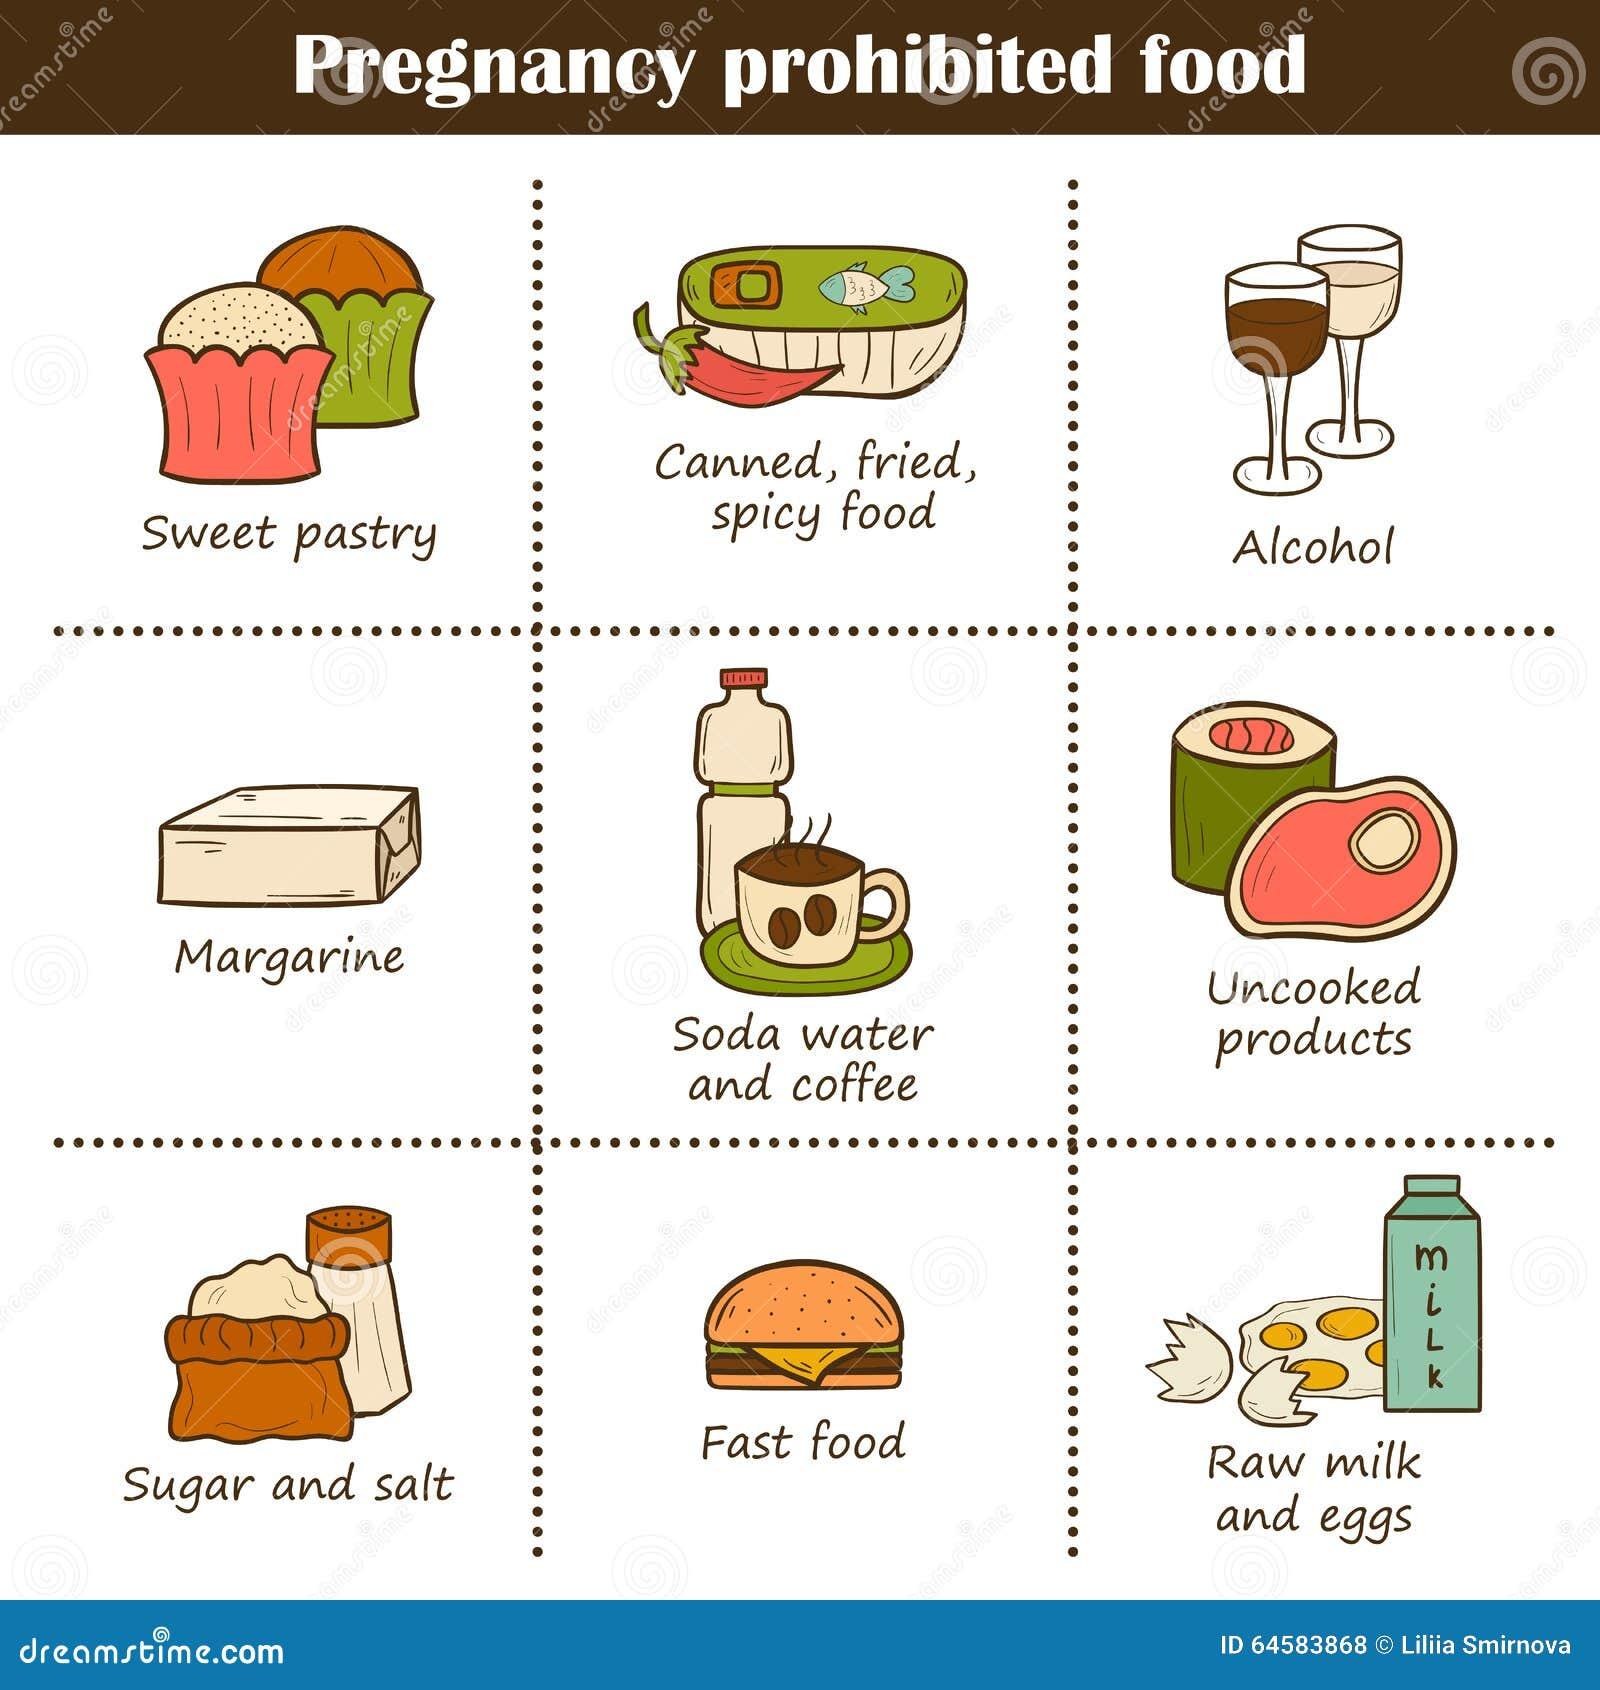 Comidas prohibidas en el embarazo